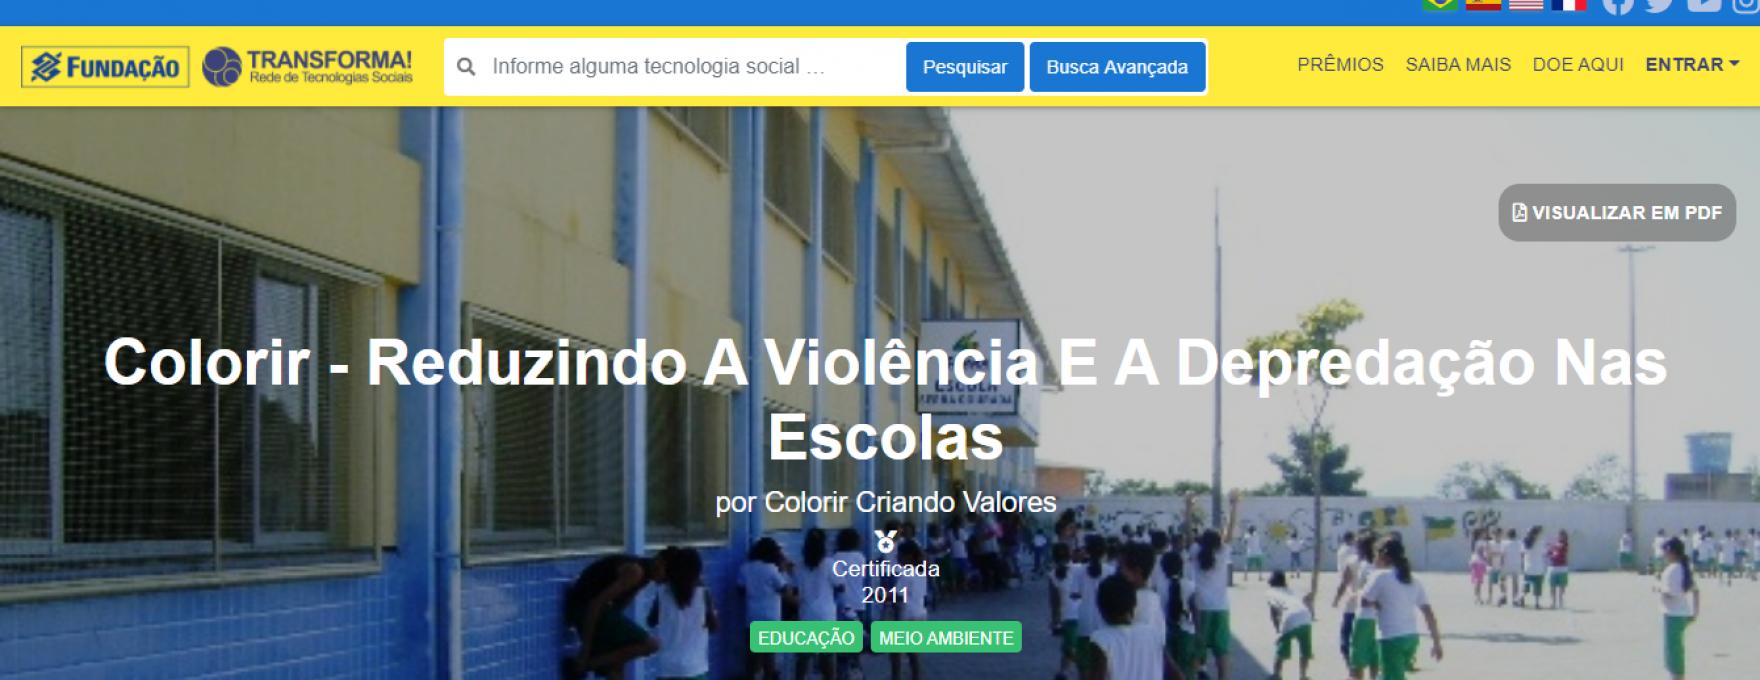 CERTIFICAÇÃO BB TECNOLOGIA SOCIAL